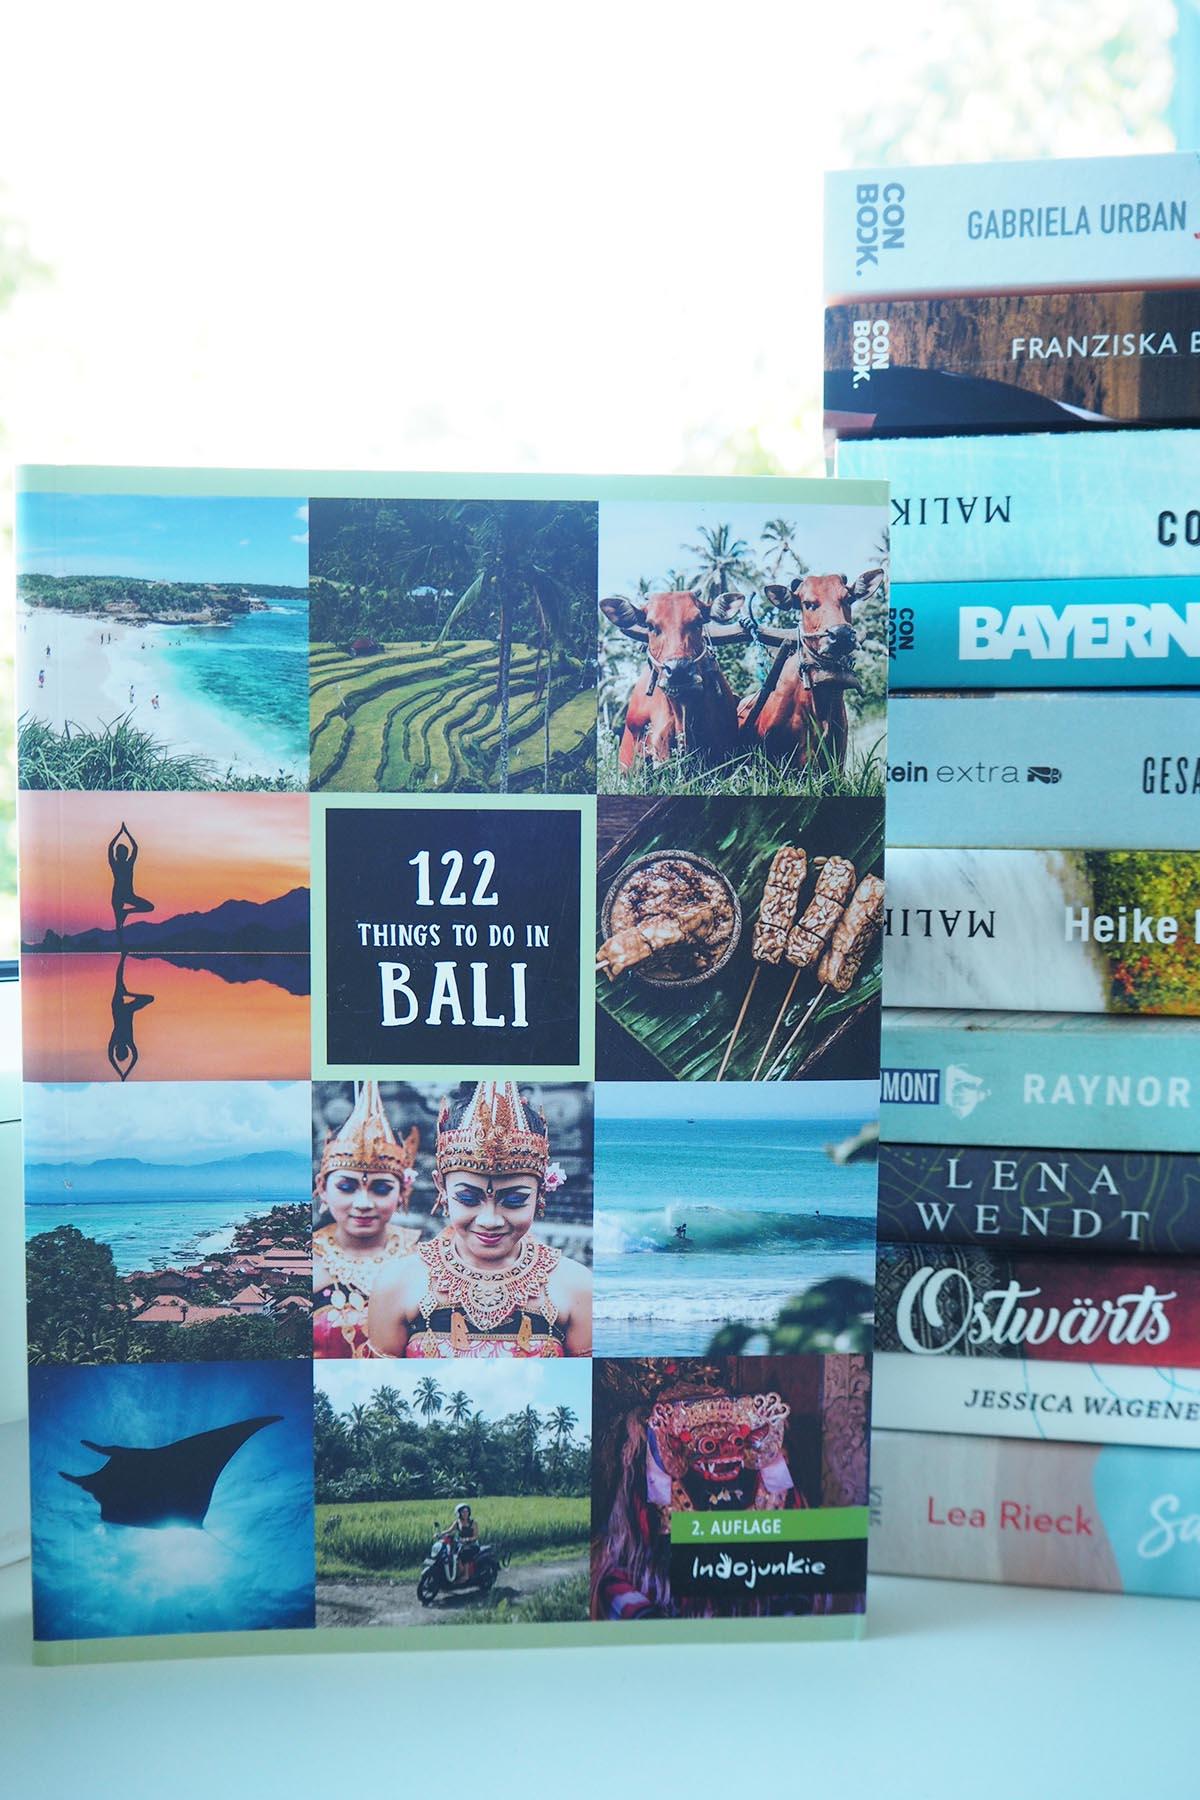 Die besten Reisebücher von Frauen – 122 Things to do in Bali